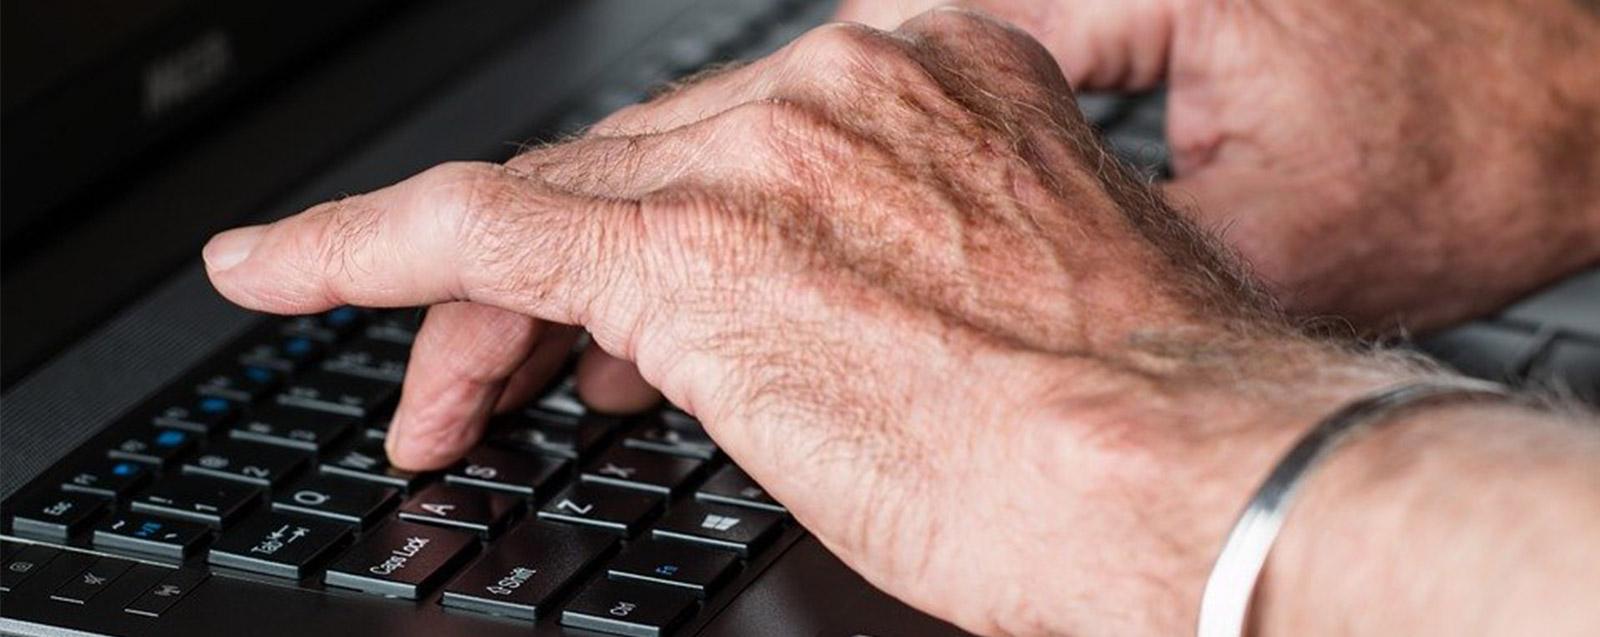 Ateliers informatiques pour Seniors